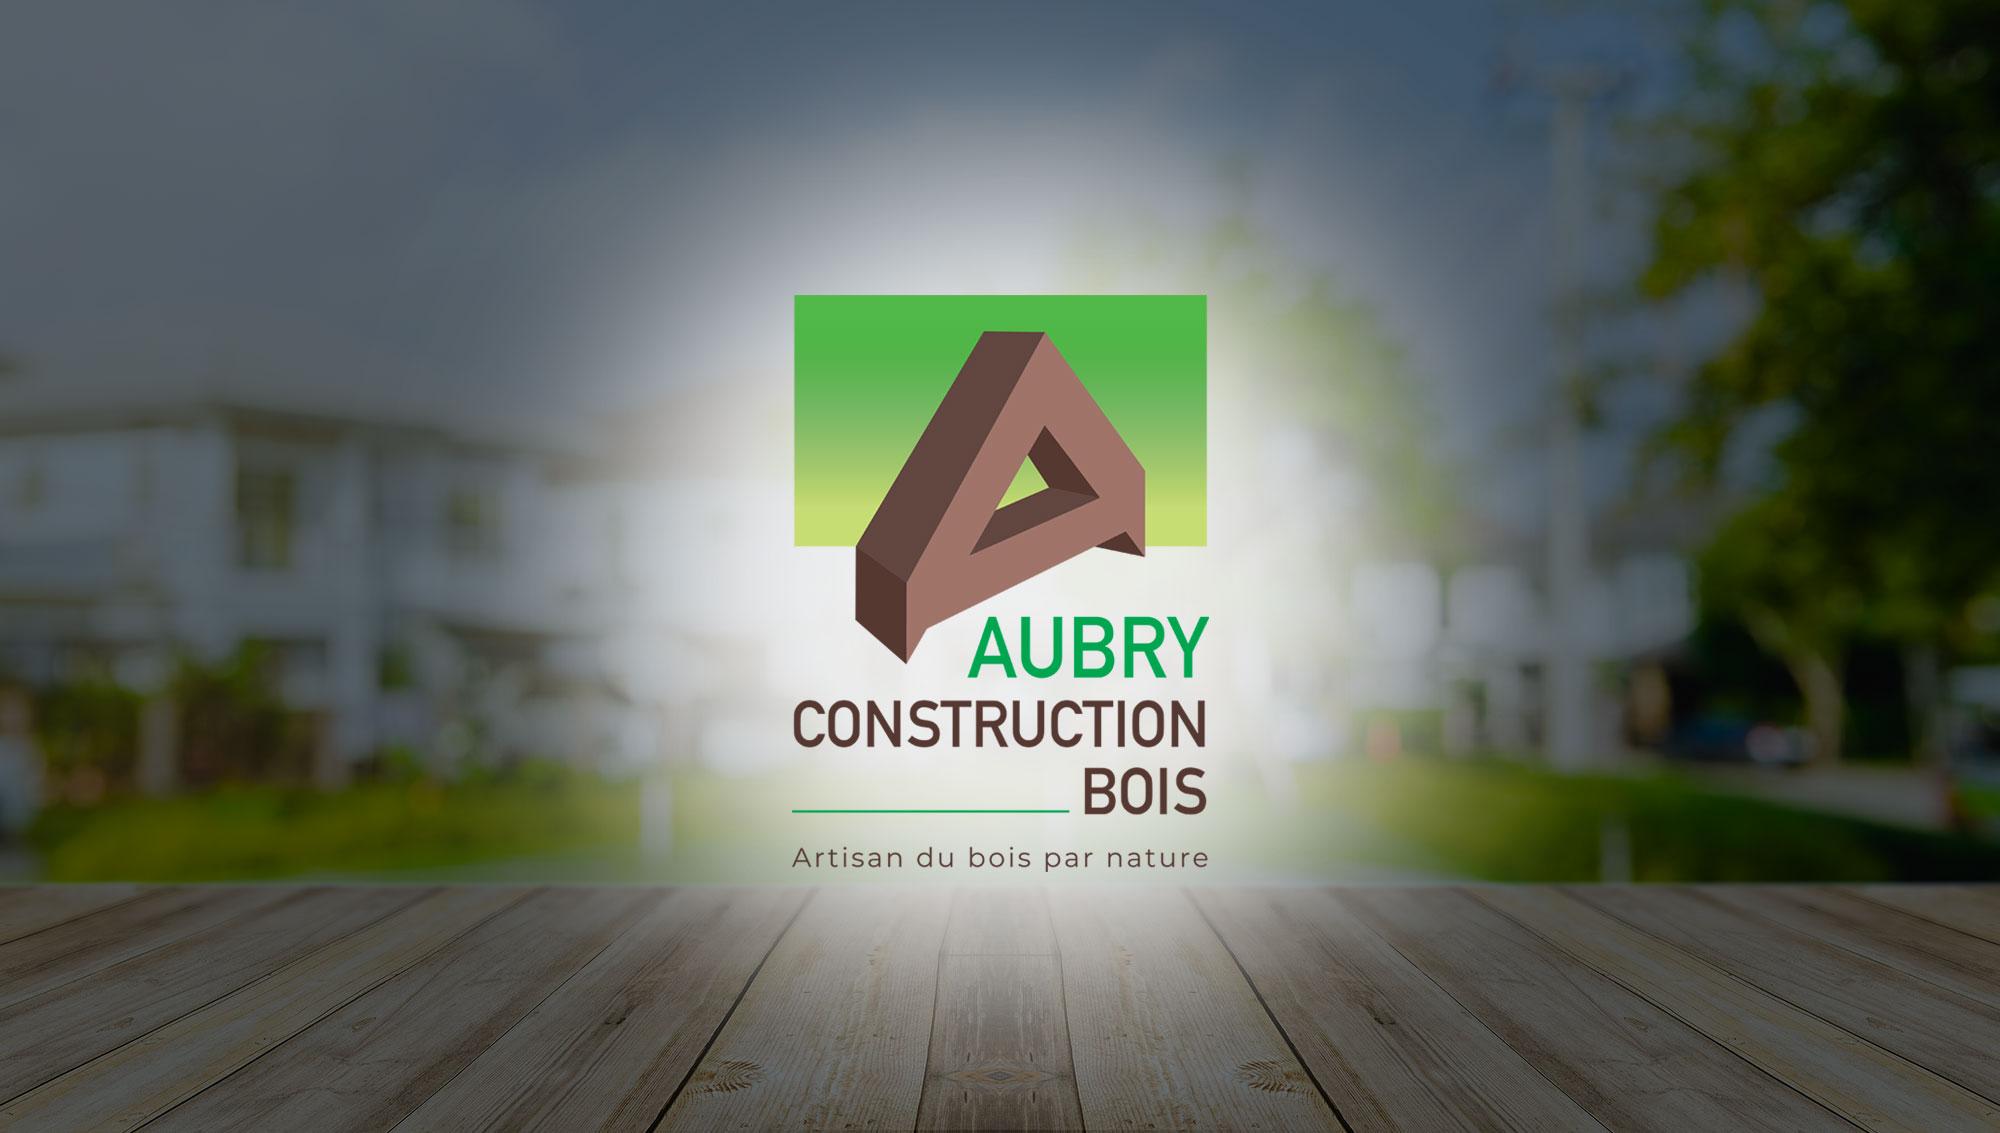 Aubry construction maison ossature bois couverture charpente